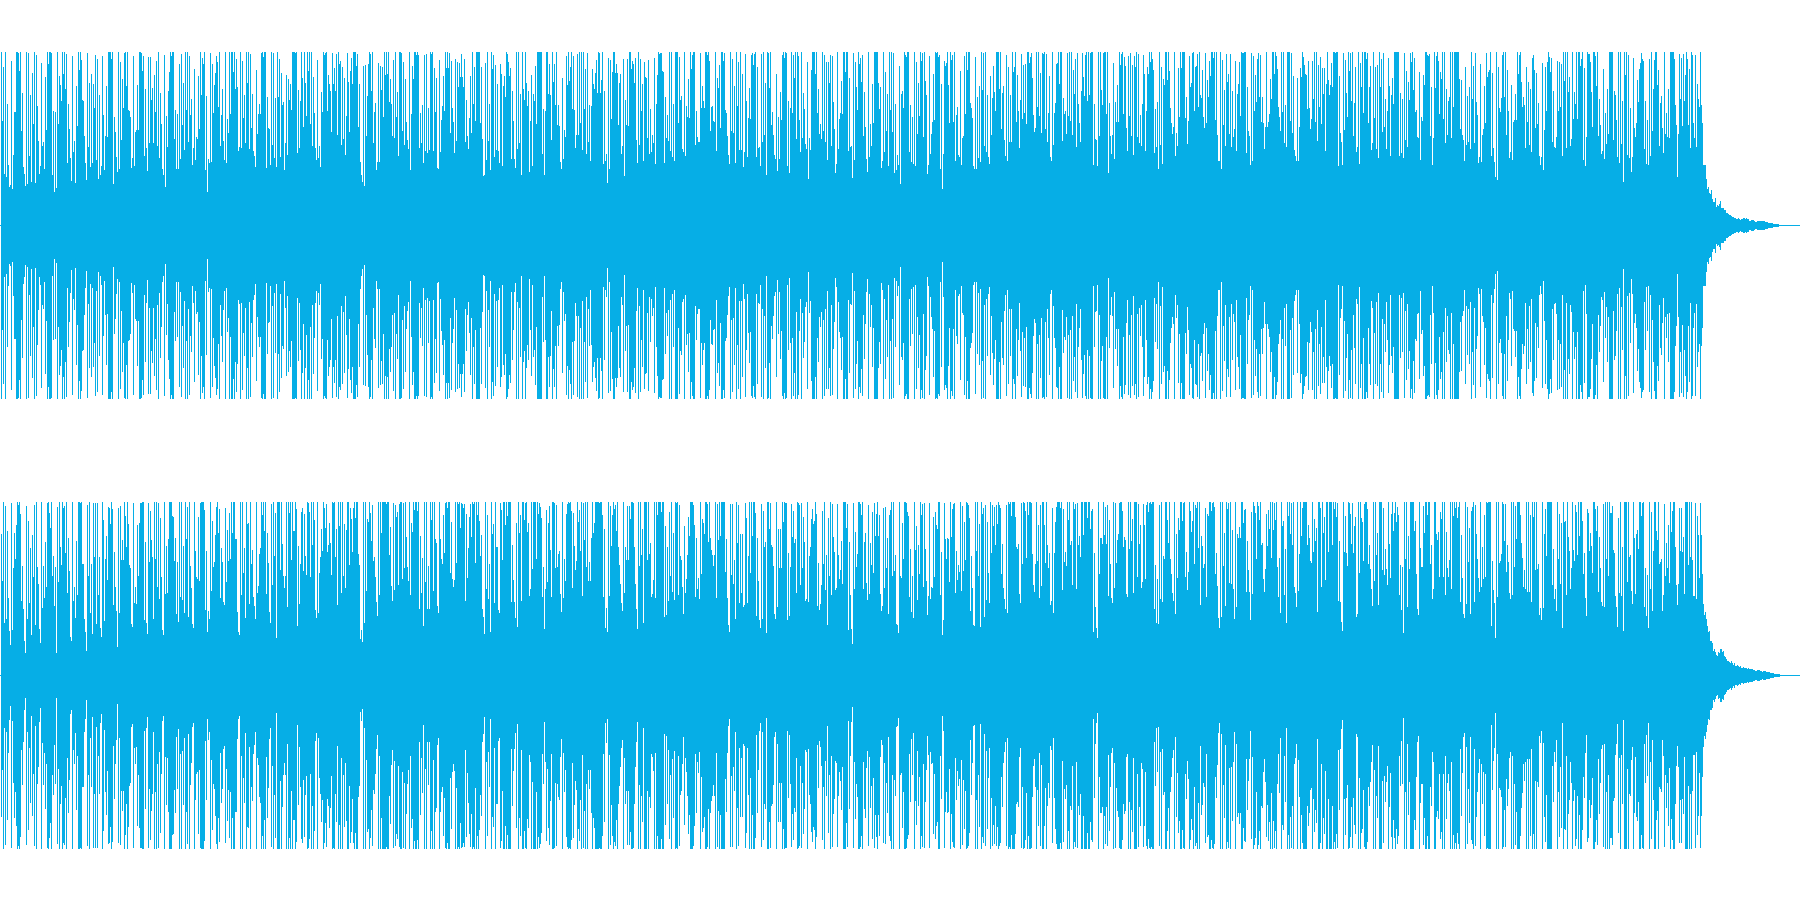 穏やかな日常の幸せを表現したピアノ曲の再生済みの波形